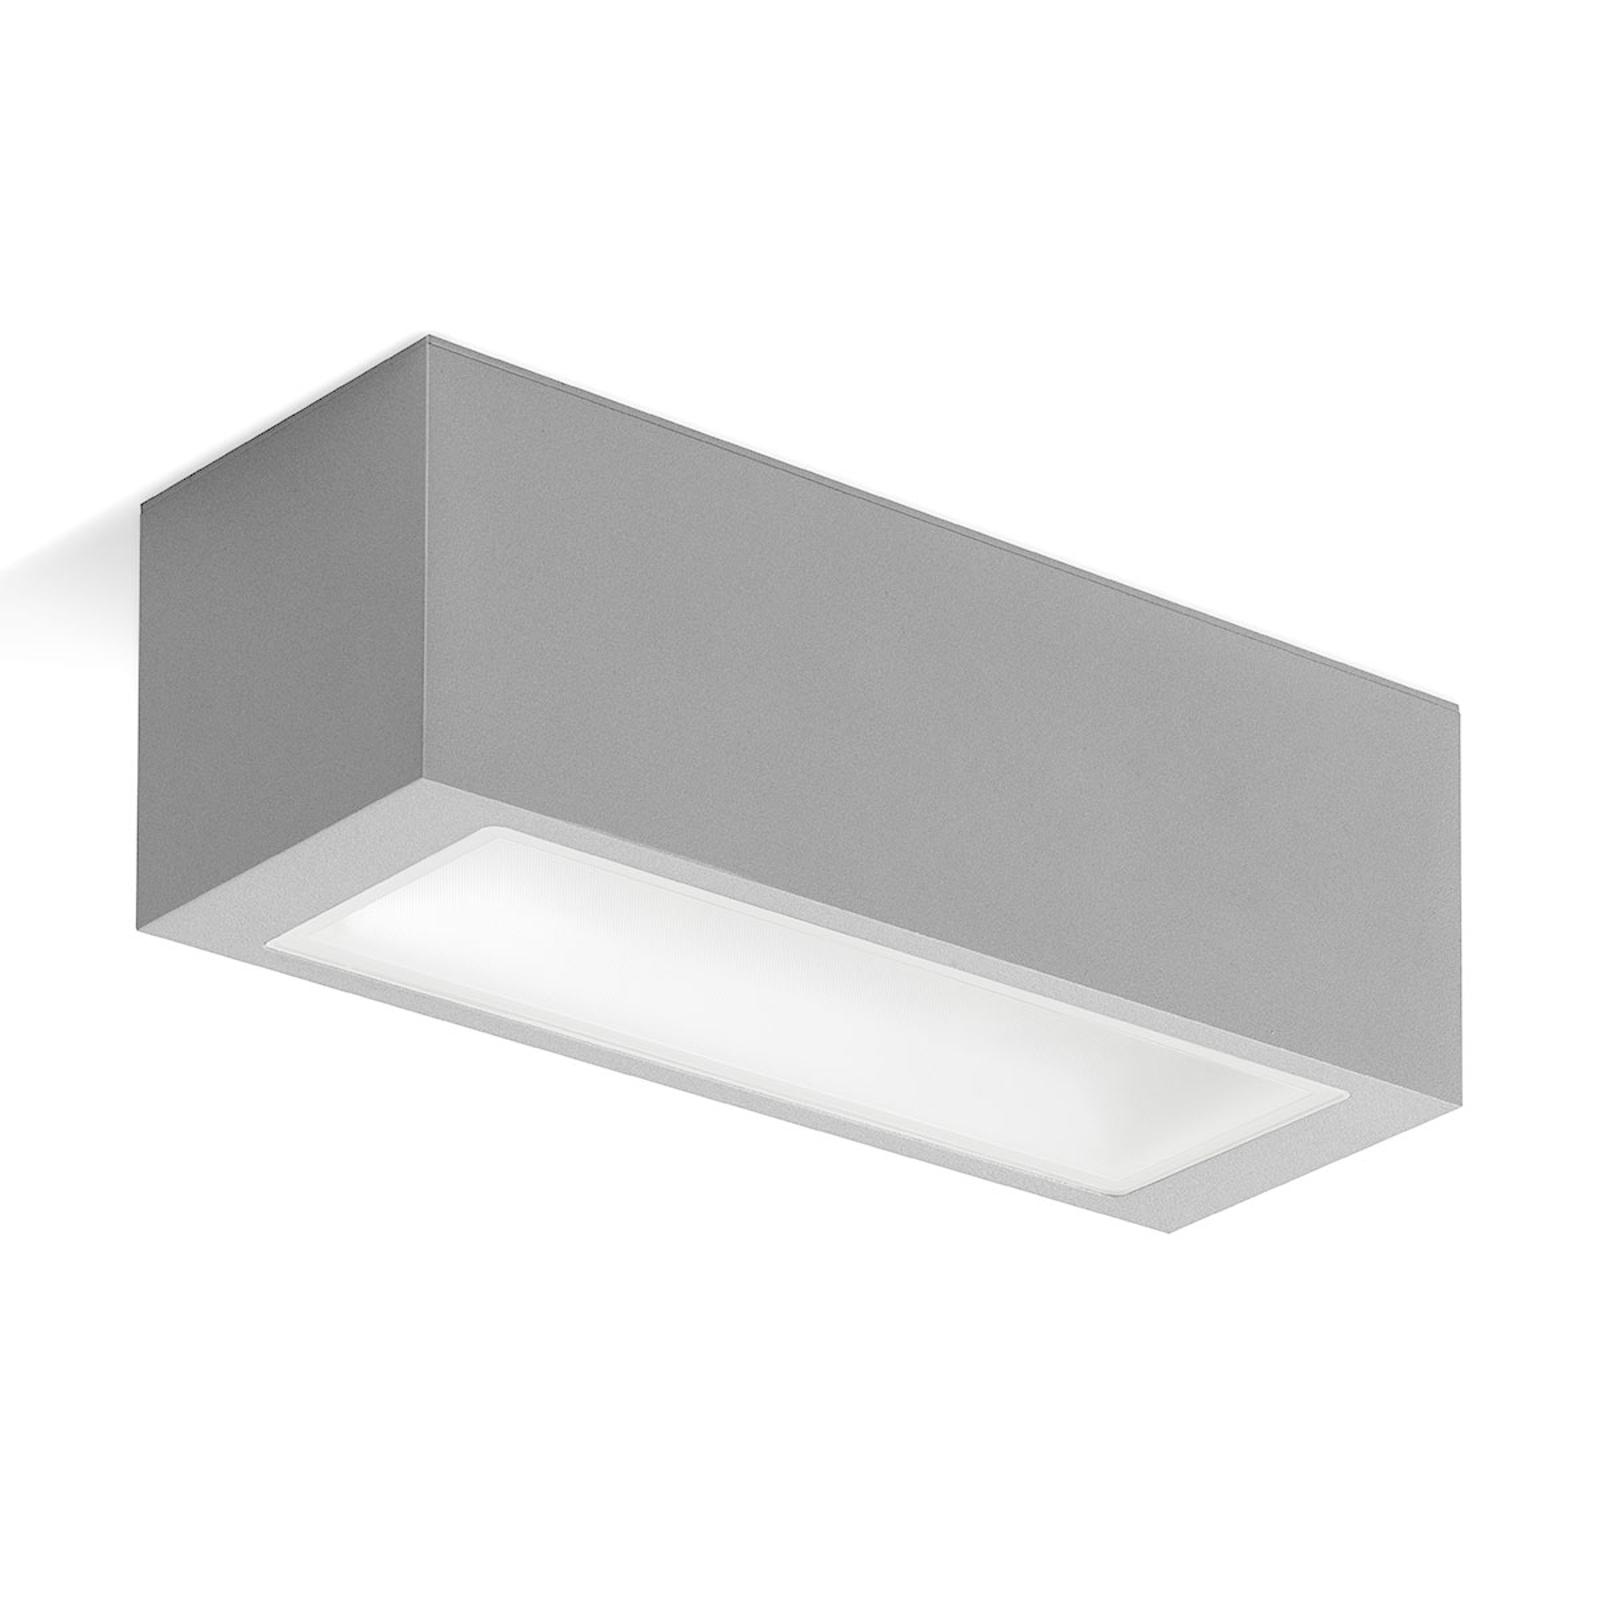 LED-Wandleuchte 303560, Optik symmetrisch 3.000K